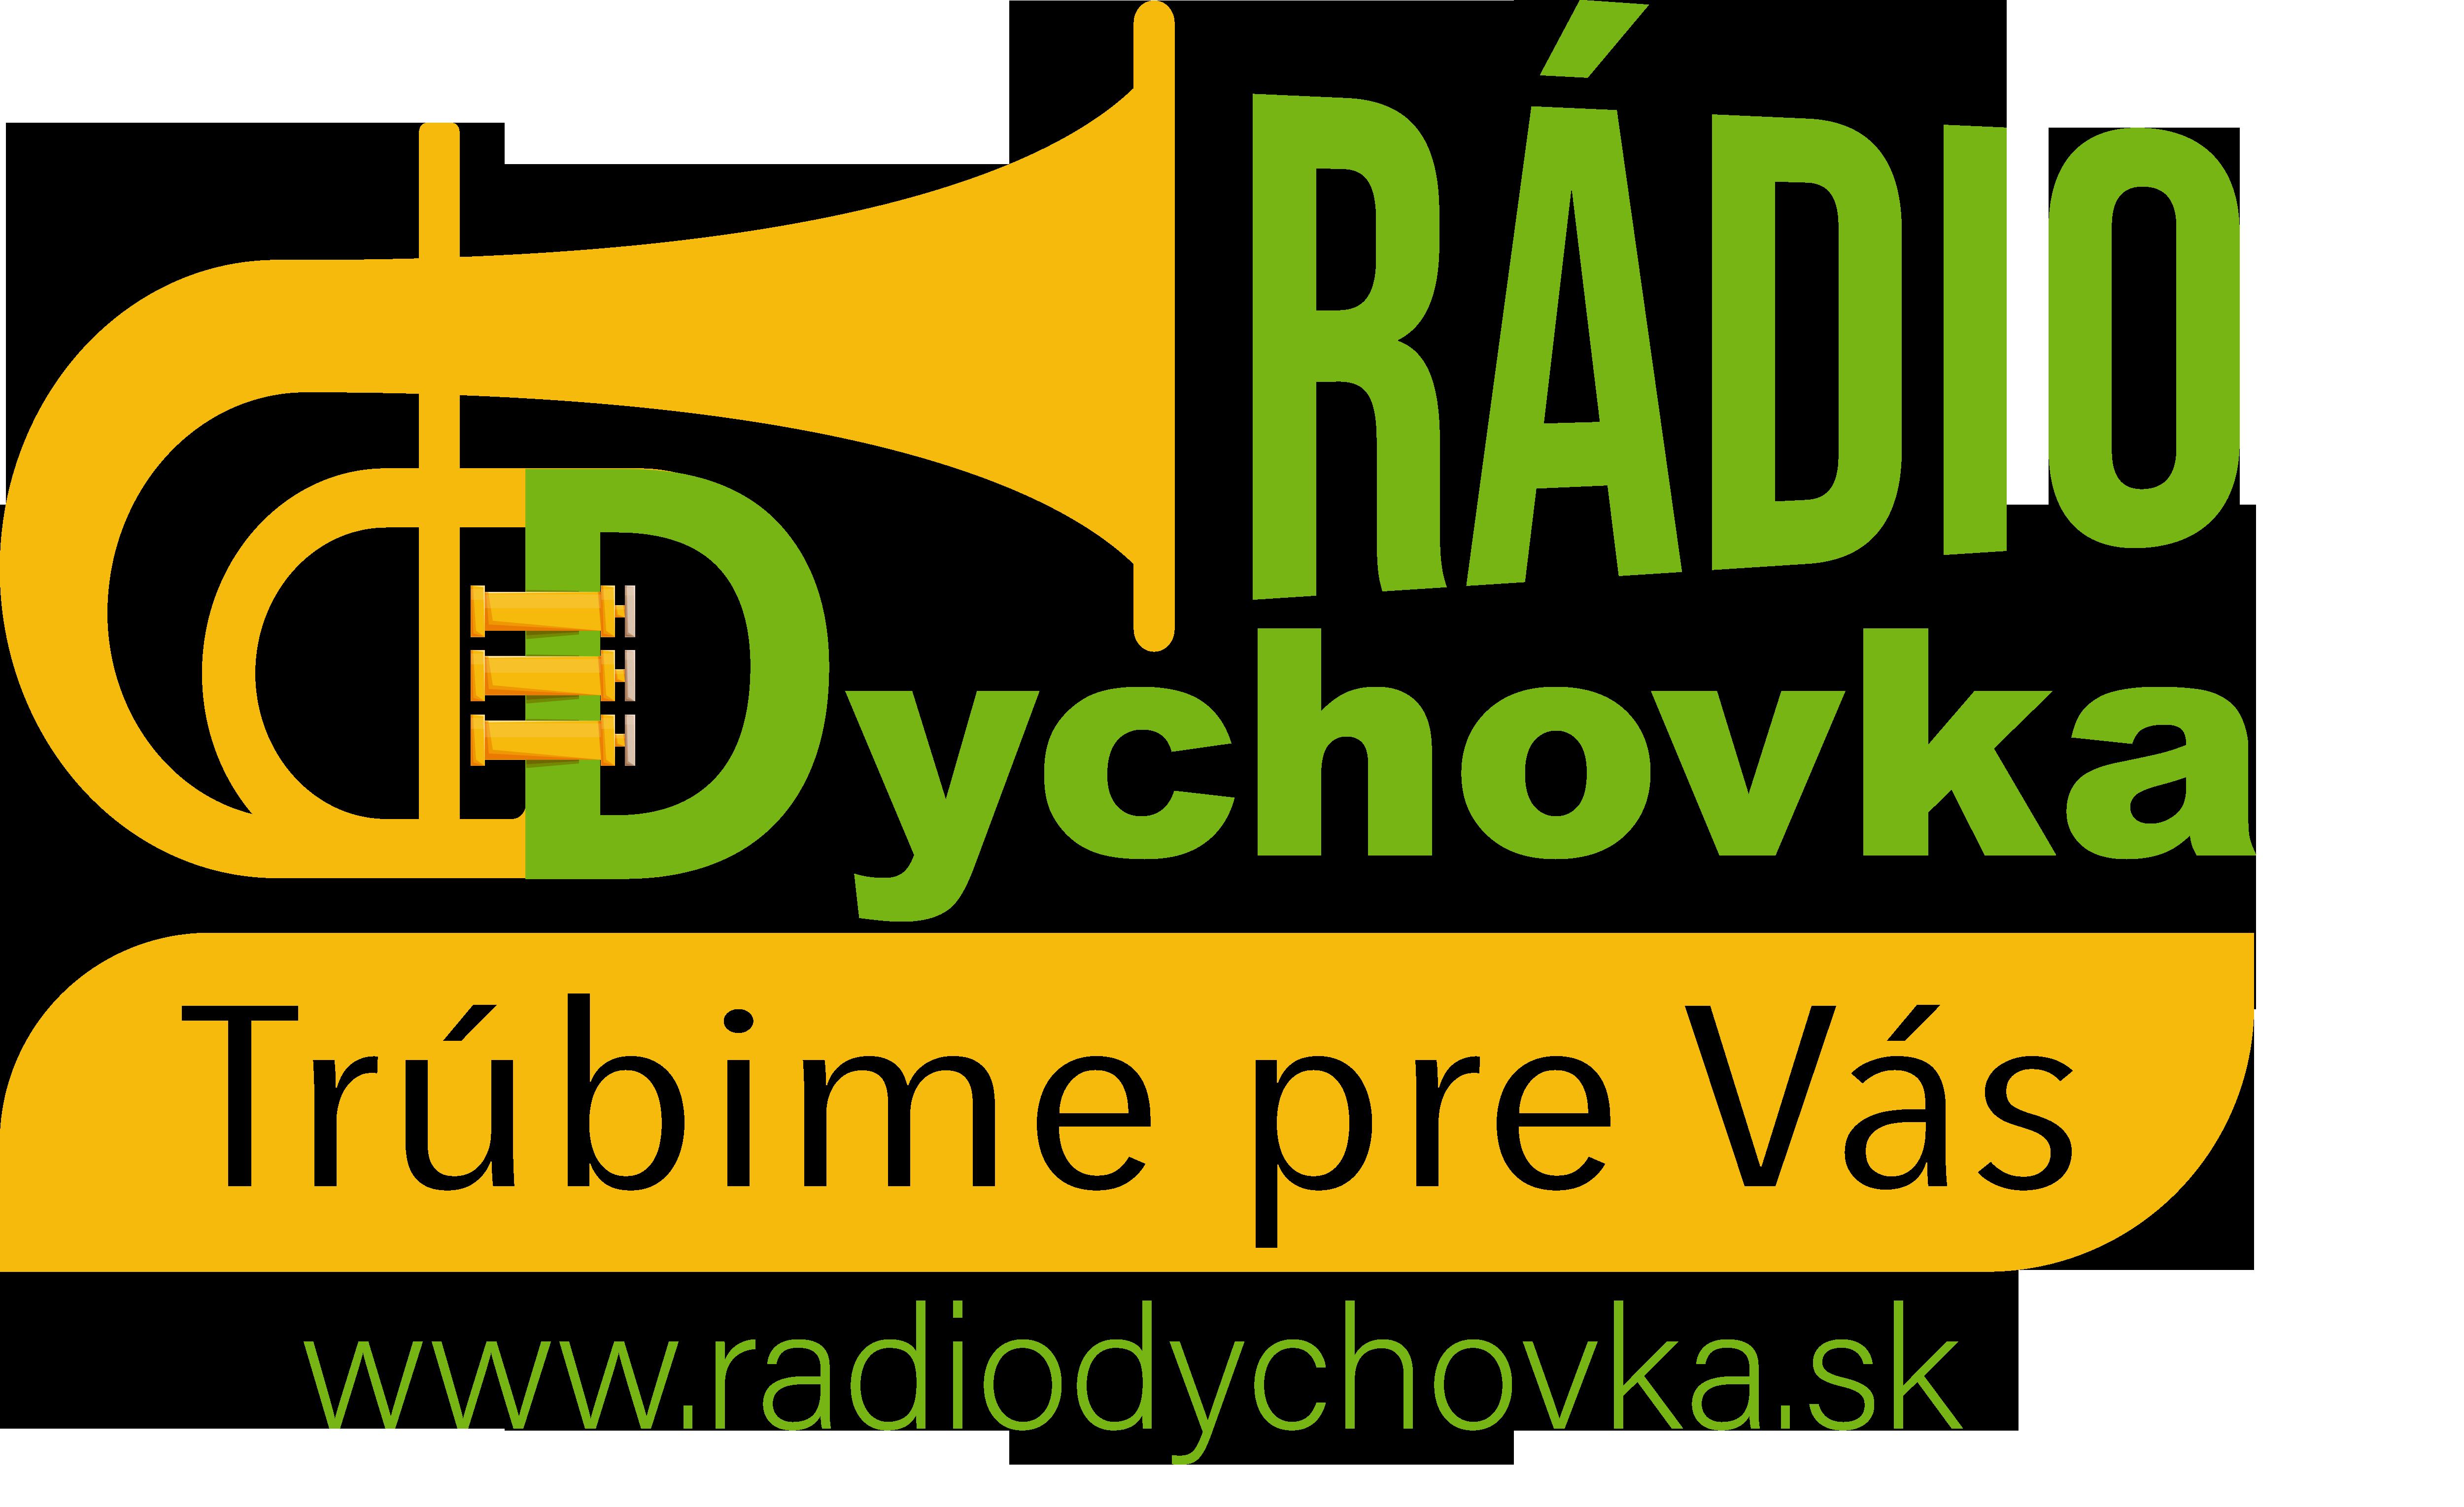 radio dychovka logo